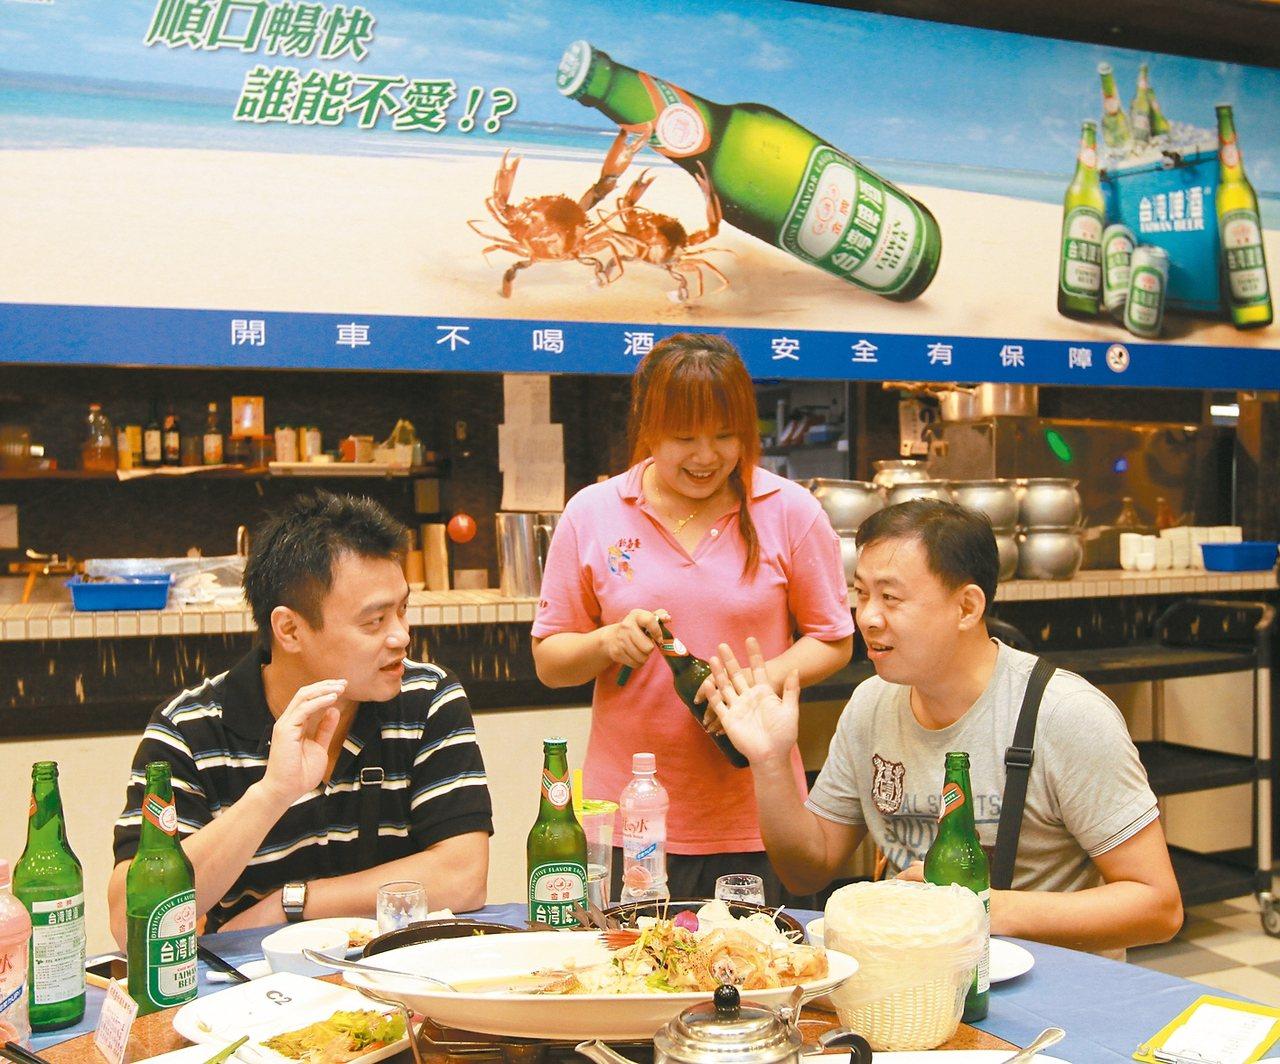 交通部鎖定有販售酒類餐廳,提供酒測器給民眾使用,酒測值超標餐廳人員會勸導不要開車...